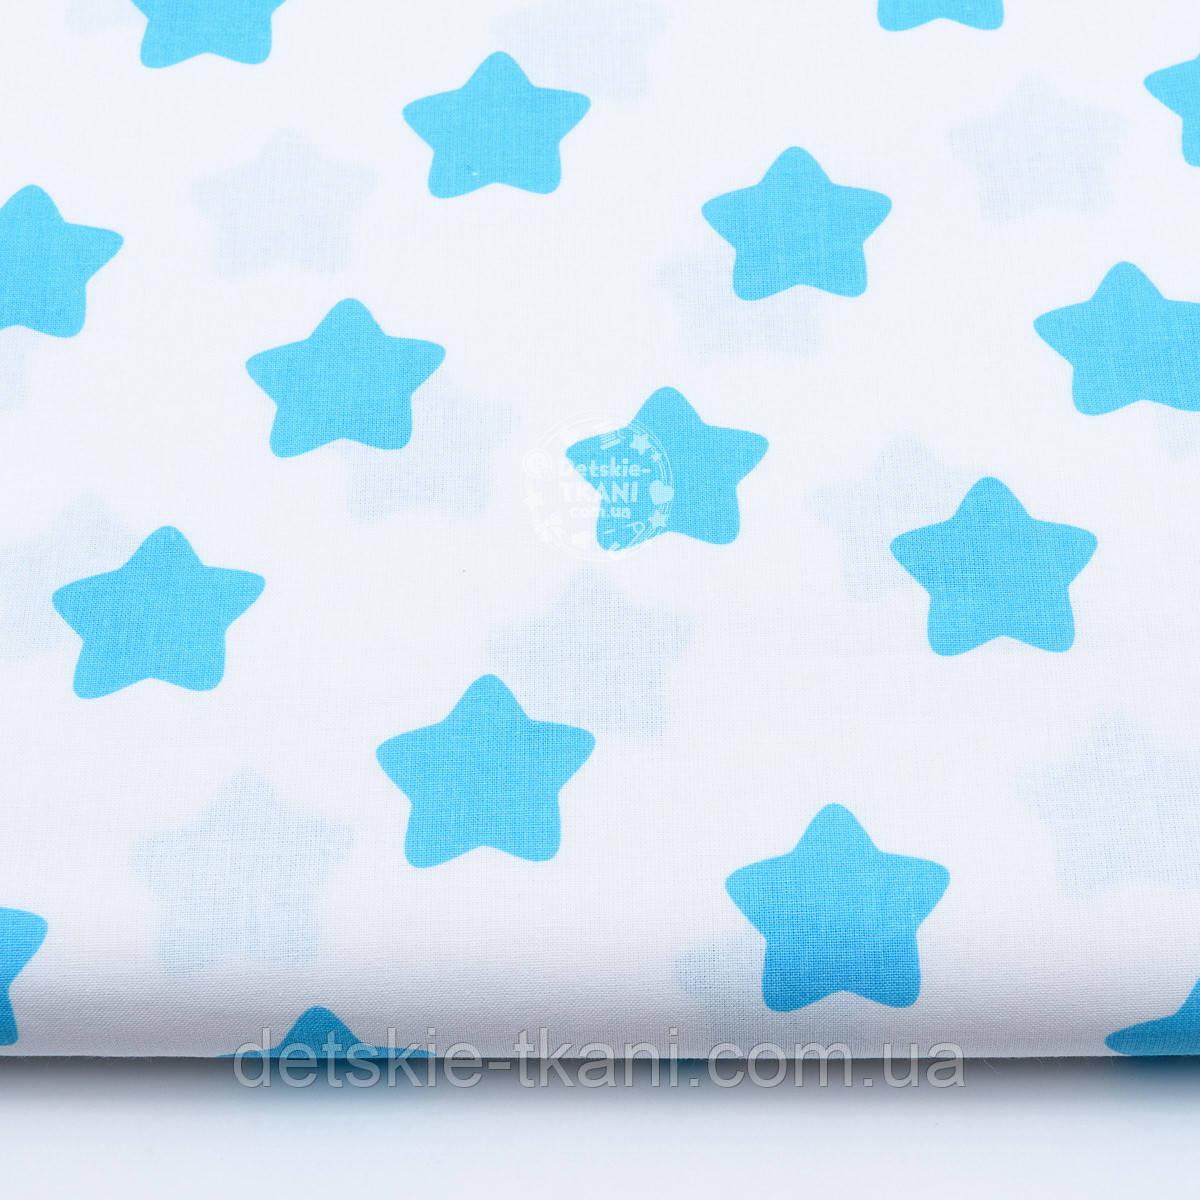 Ткань с тёмно-бирюзовыми большими звёздами-пряниками на белом фоне (№93).